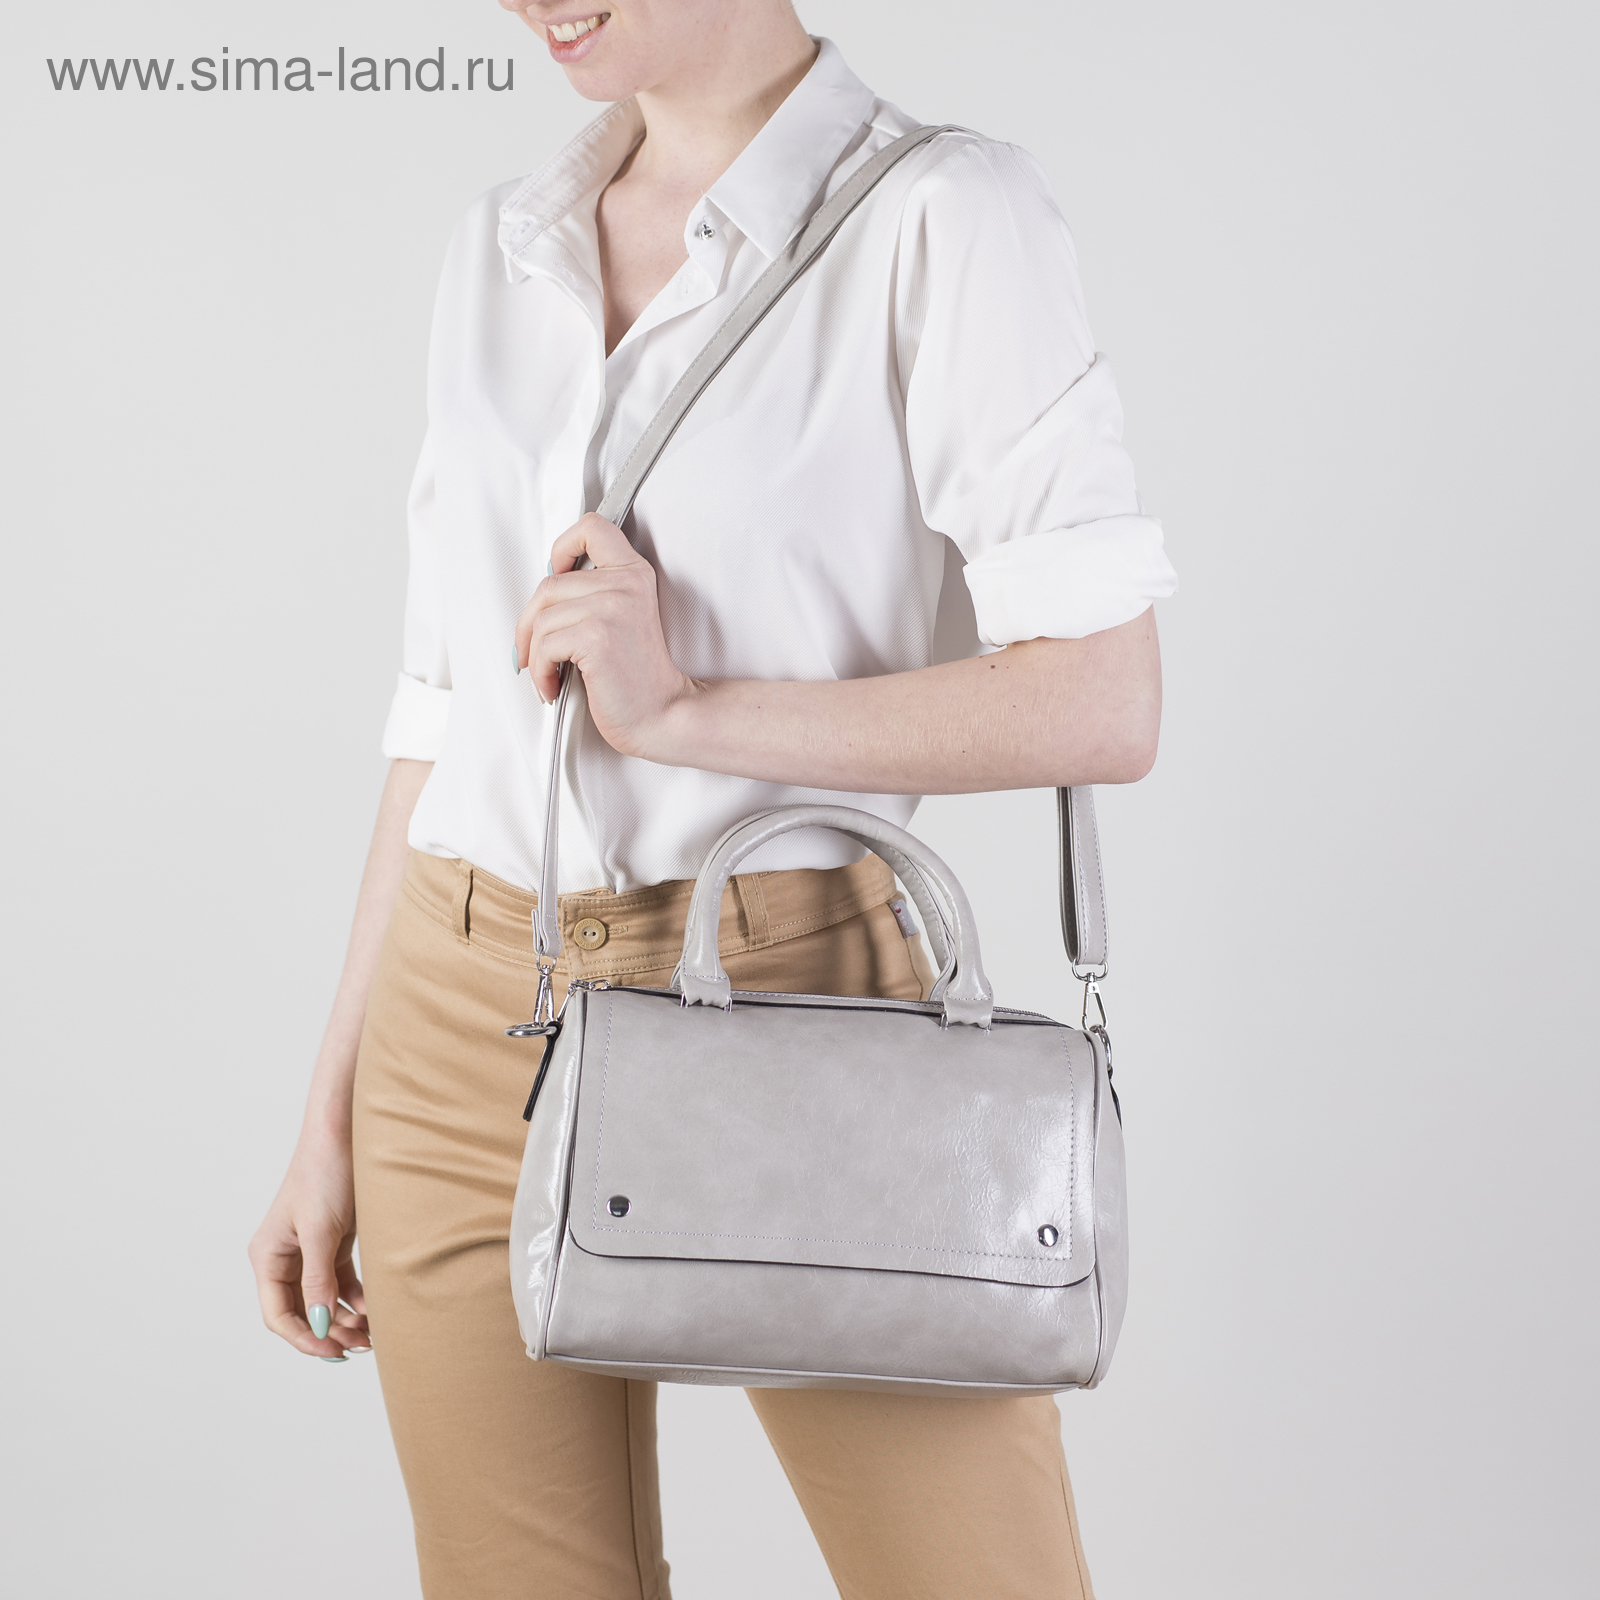 8e9a07649c2f Сумка женская, отдел с перегородкой на молнии, 2 наружных кармана, длинный  ремень,